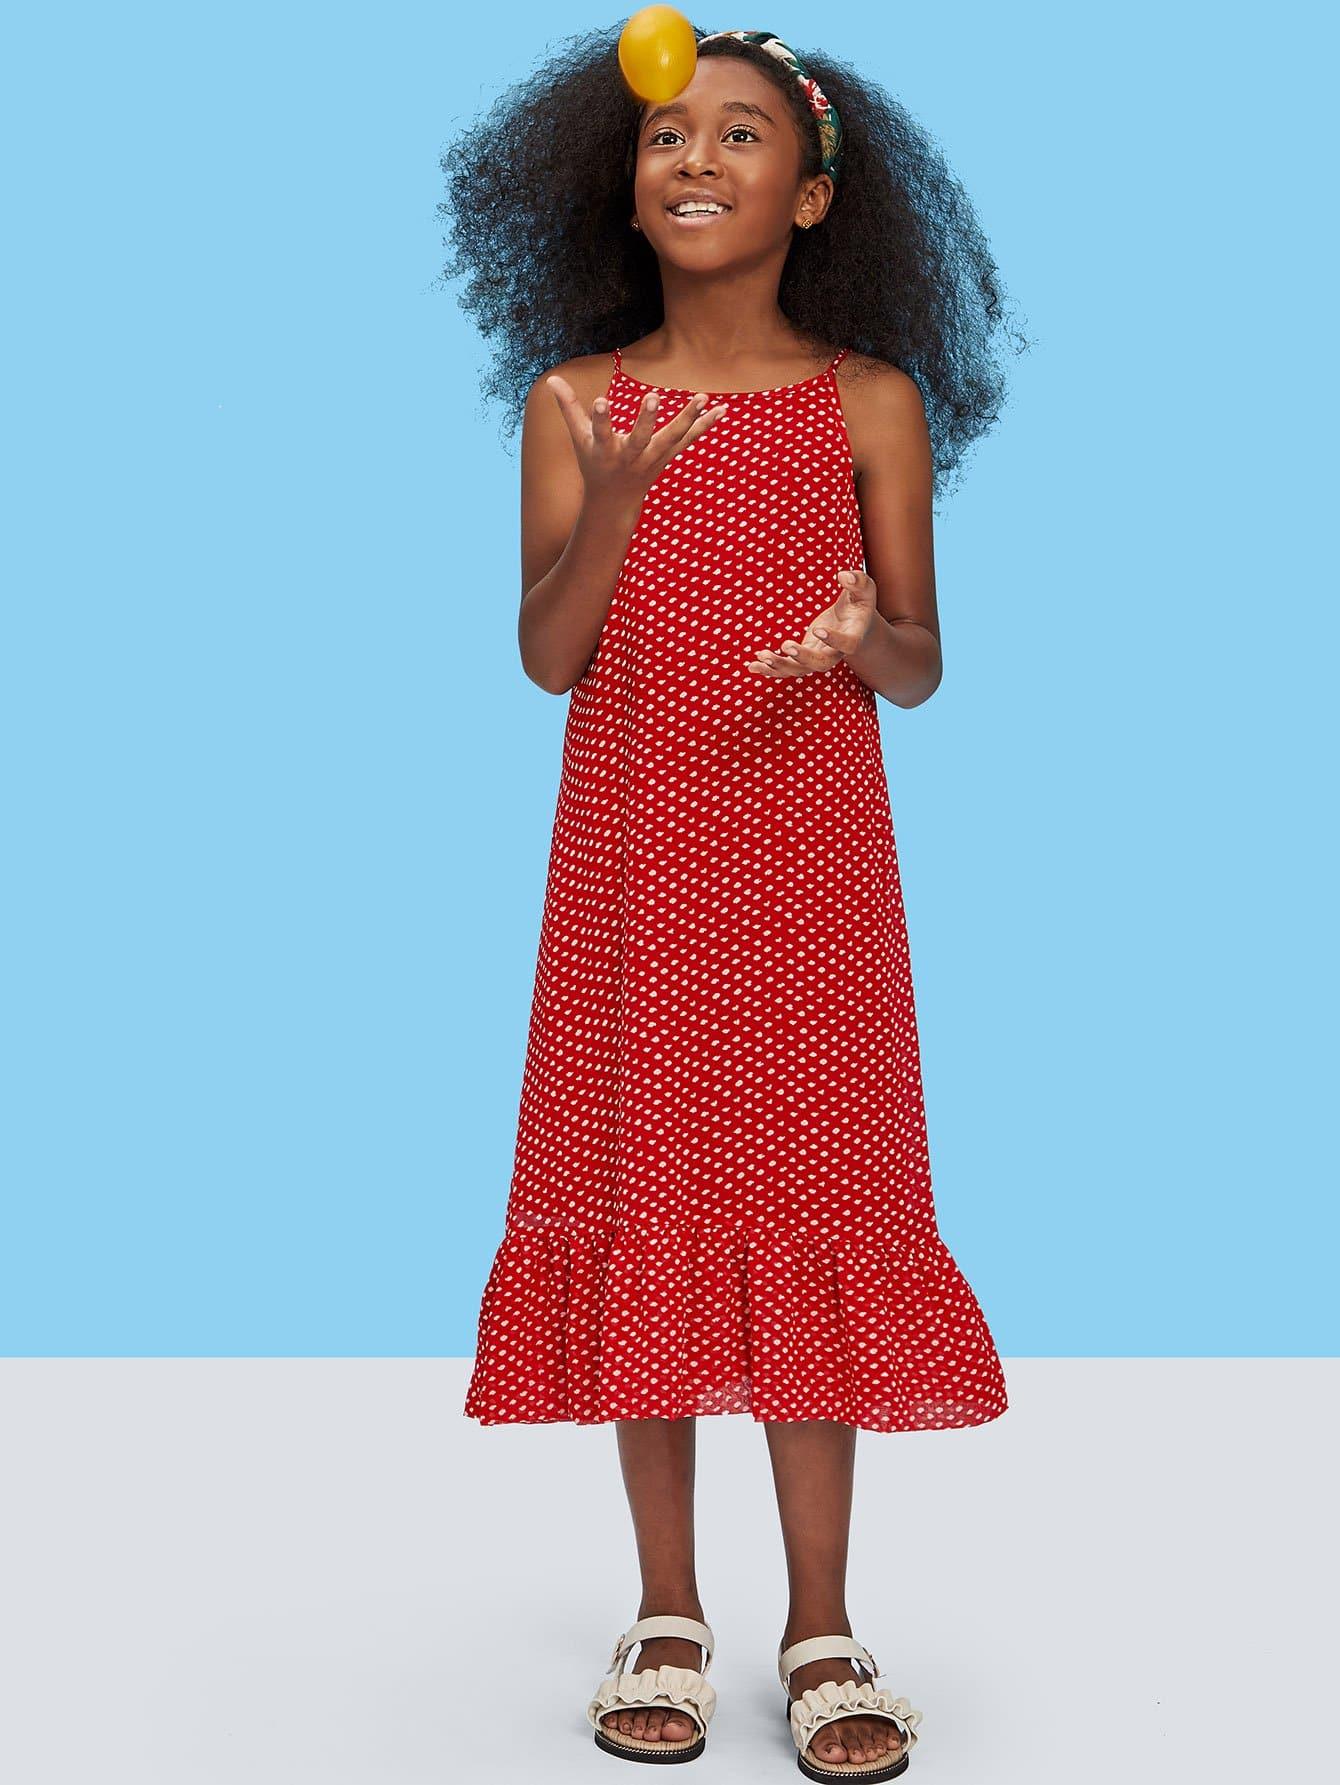 Girls Knotted Cutout Back Ruffle Polka Dot Cami Dress layered ruffle polka dot cami dress